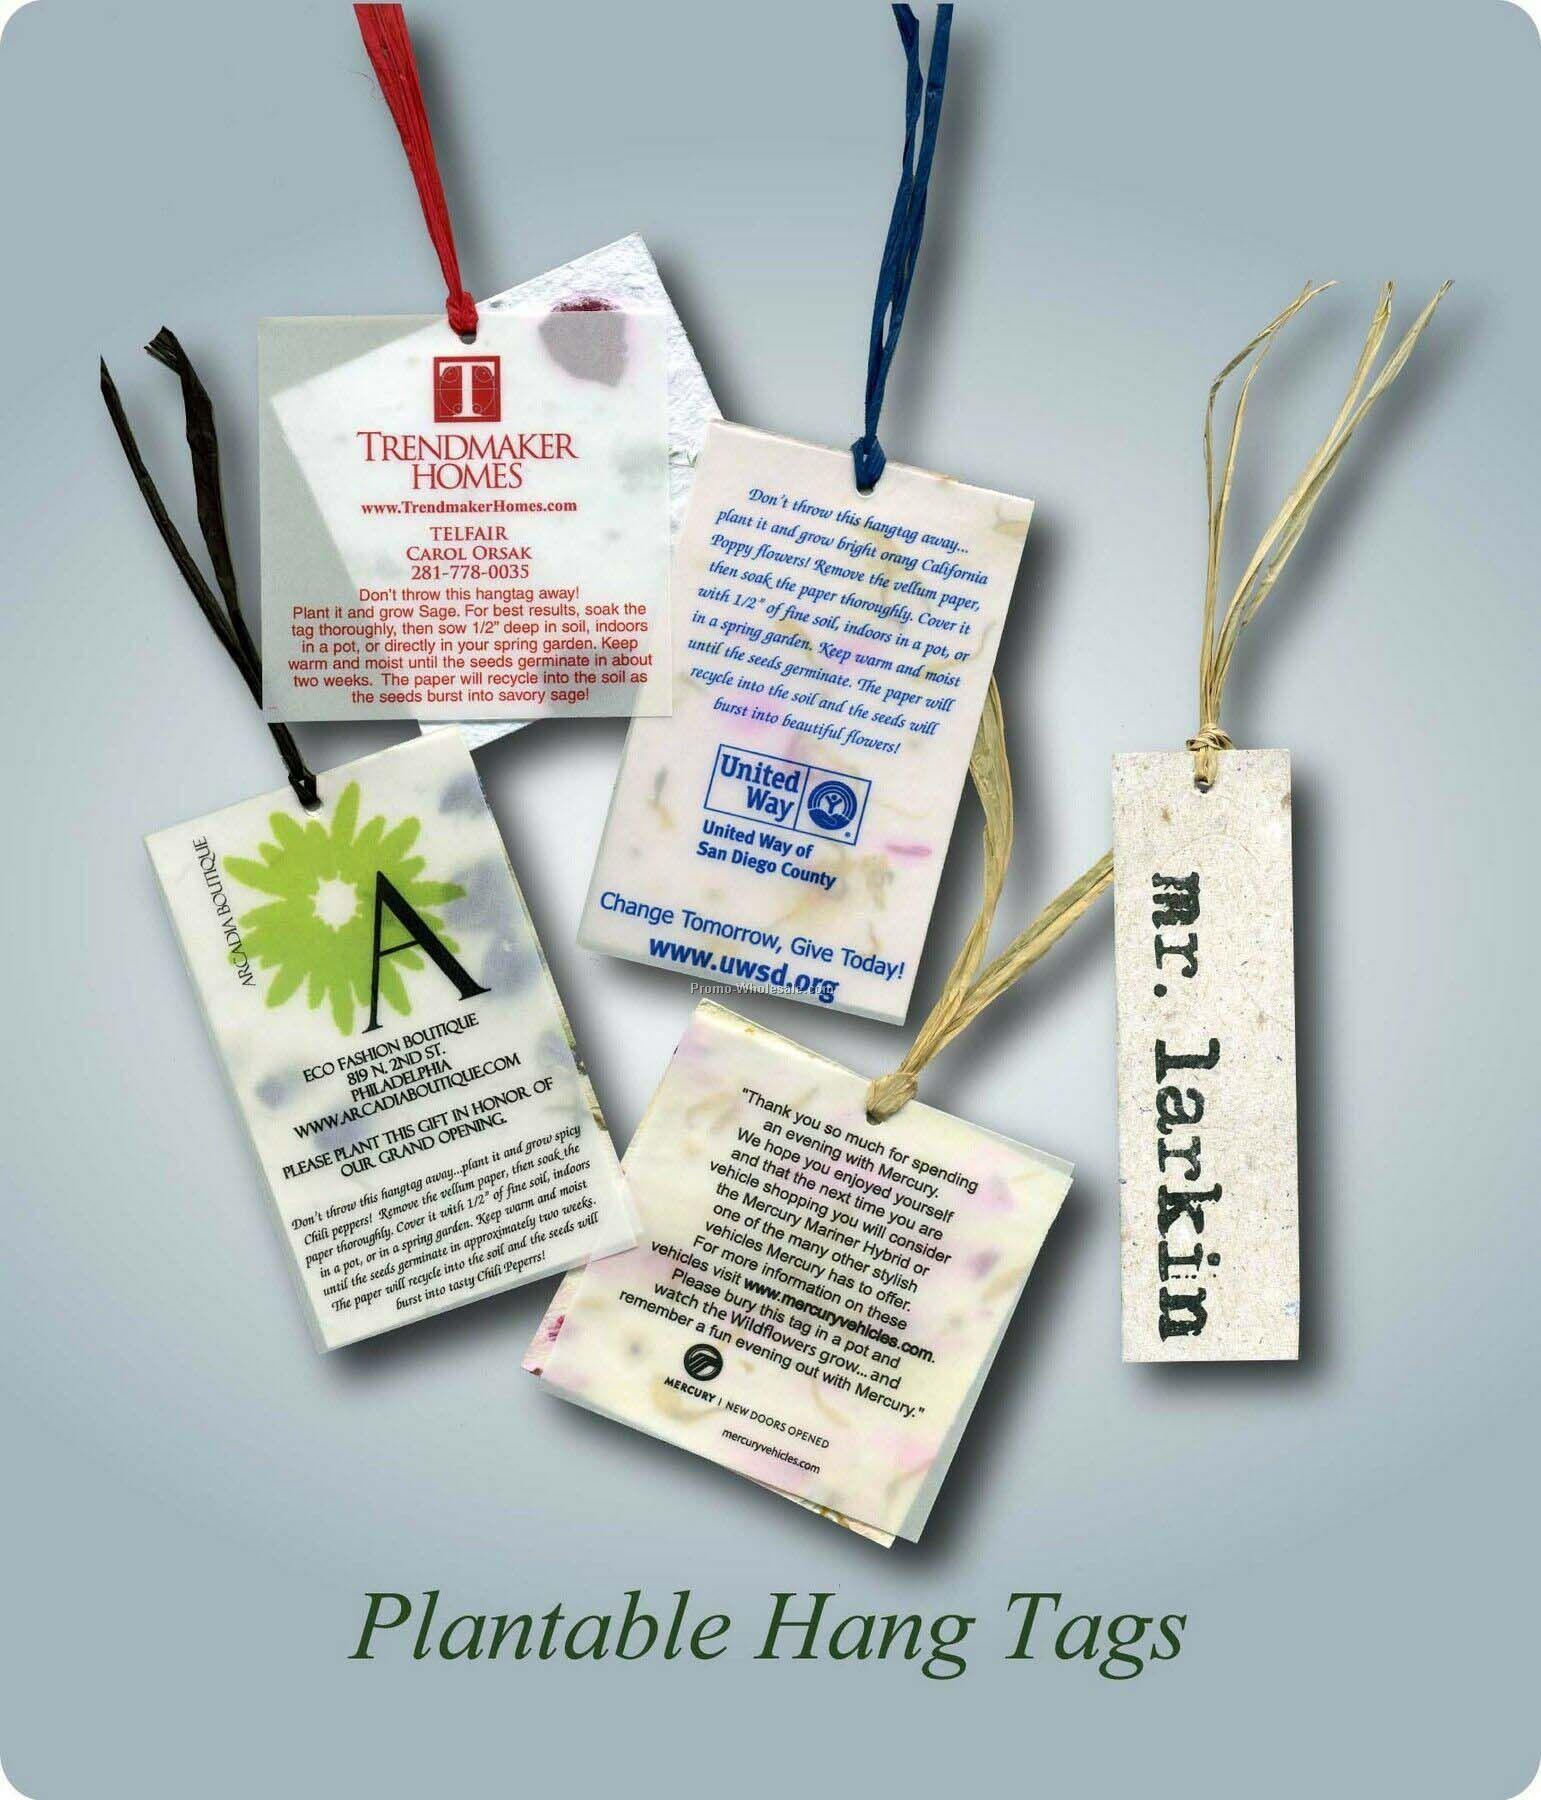 logo 包装 包装设计 标签 标识 购物纸袋 图标 纸袋 1541_1800